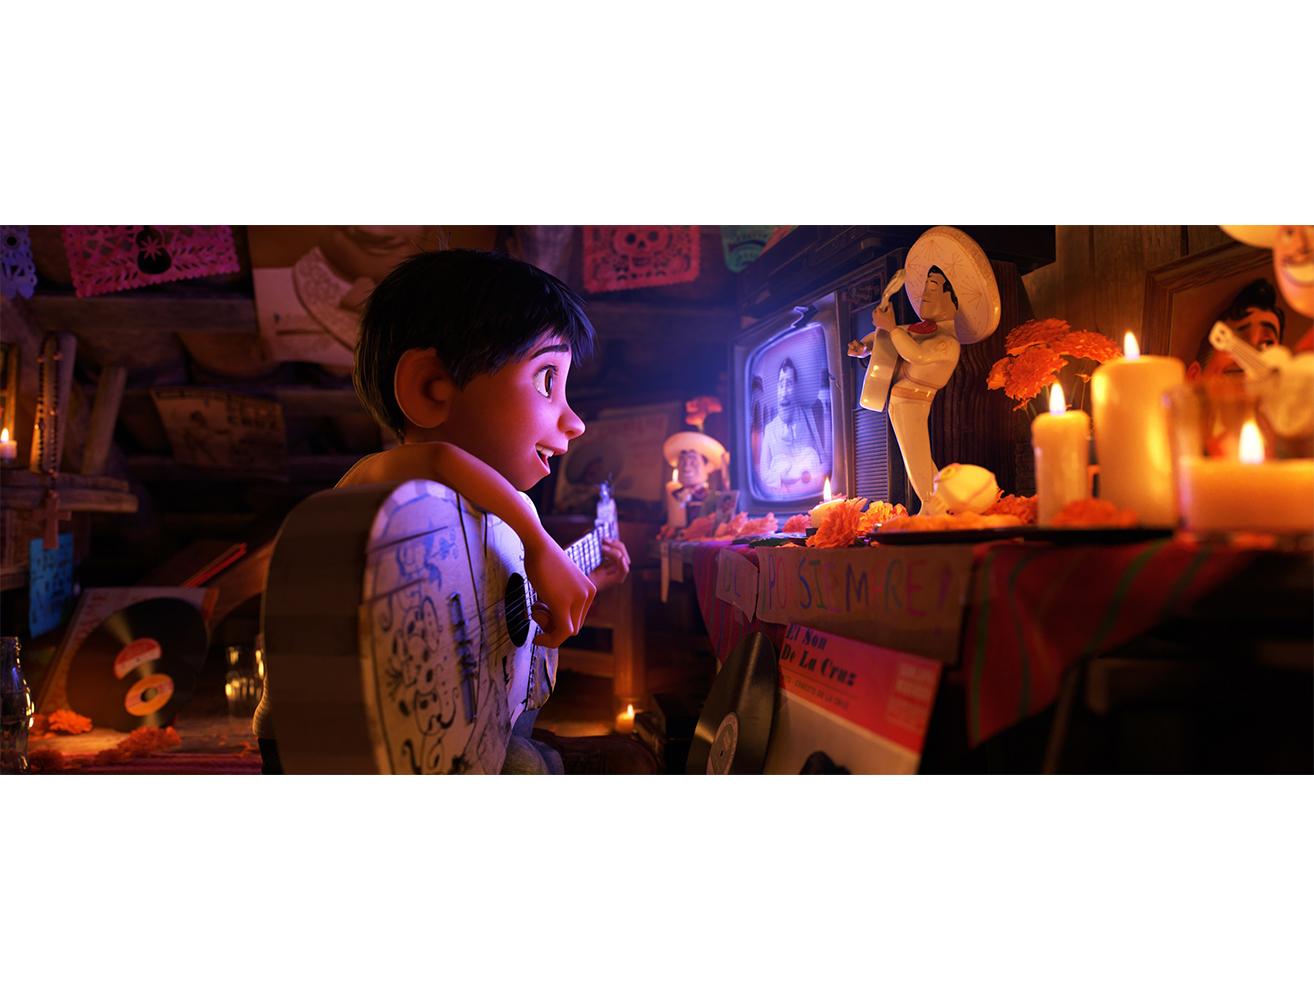 カラフルで美しい死者の国に迷い込んだ少年の冒険物語『リメンバー・ミー』